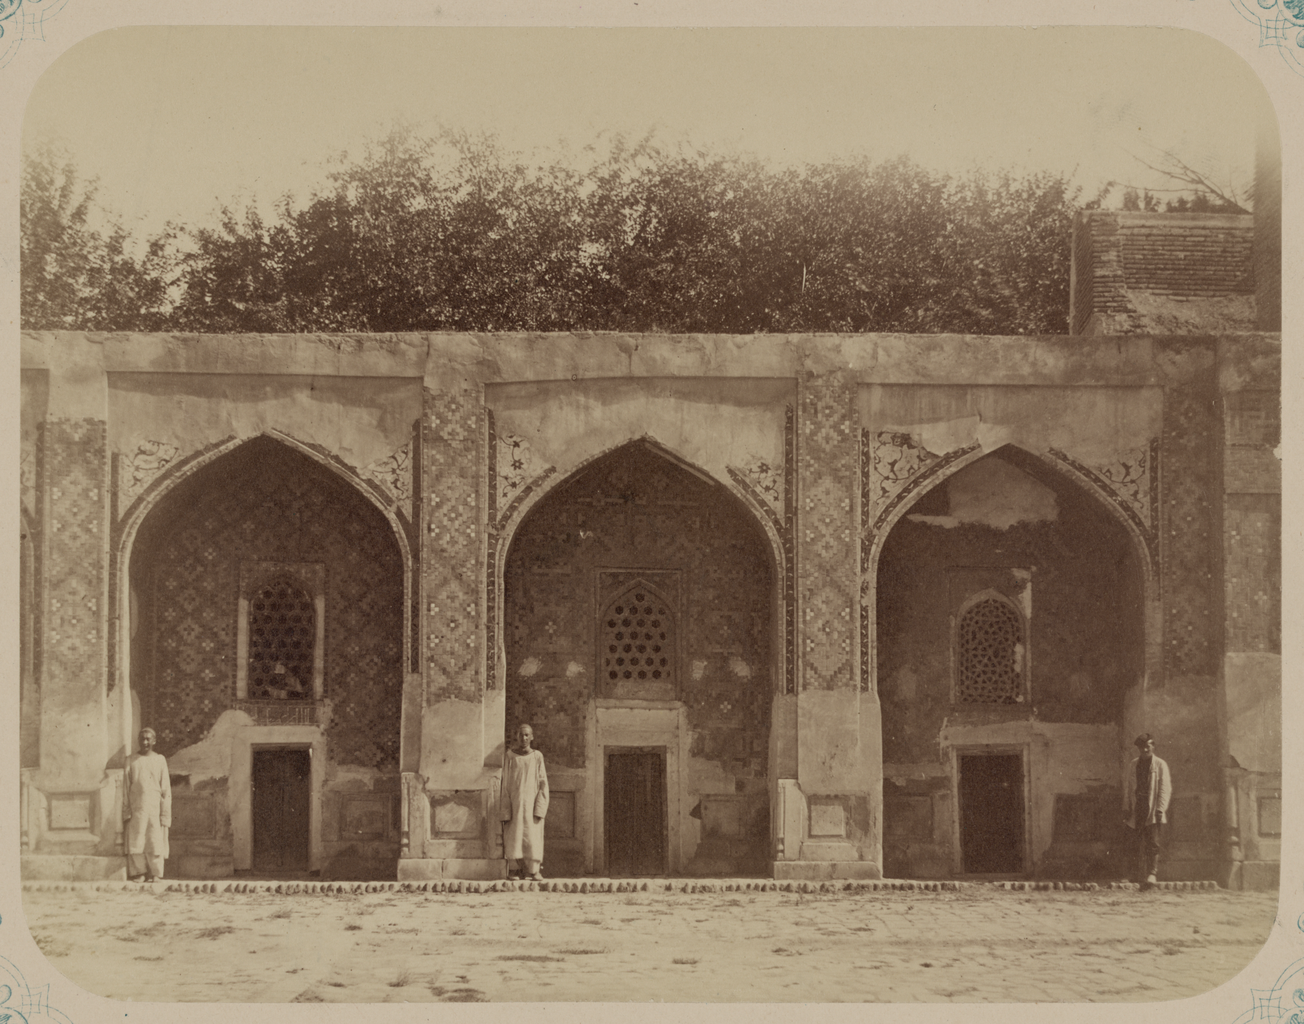 Медресе Надир Диван-Беги. Внутренняя дверь. Вид на одноэтажные кельи, окружающие внутренний двор